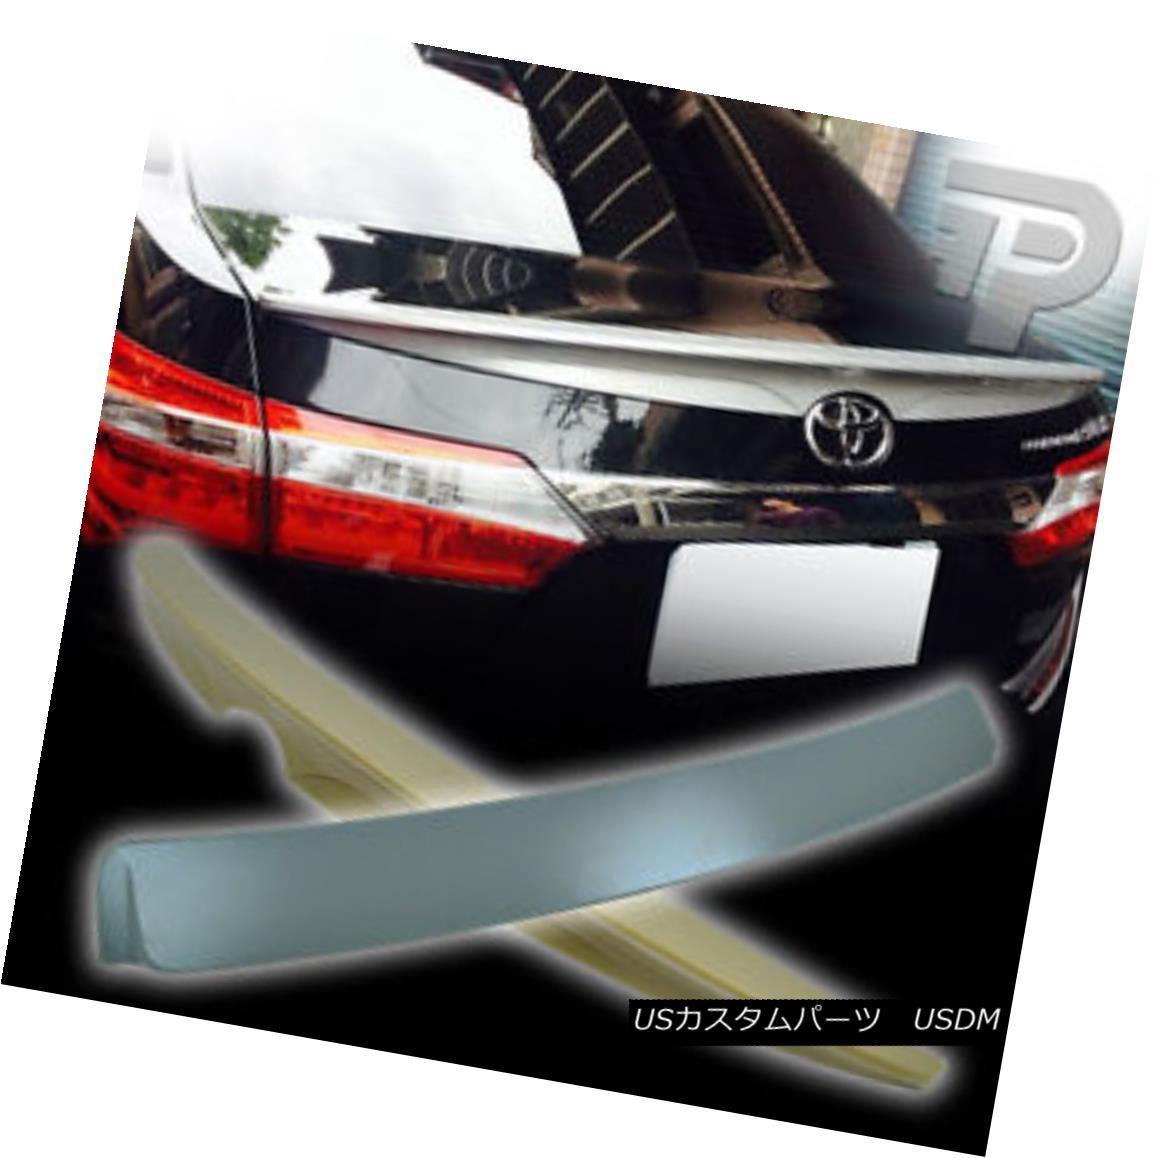 エアロパーツ UNPAINTED For TOYOTA Corolla ALTIS 2014 REAR ROOF SPOILER+ C-TYPE TRUNK SPOILER▼ TOYOTA Corolla ALTIS 2014 REAR ROOF SPOILER + C-TYPE TRUNK SPOILERについては未定ですか?